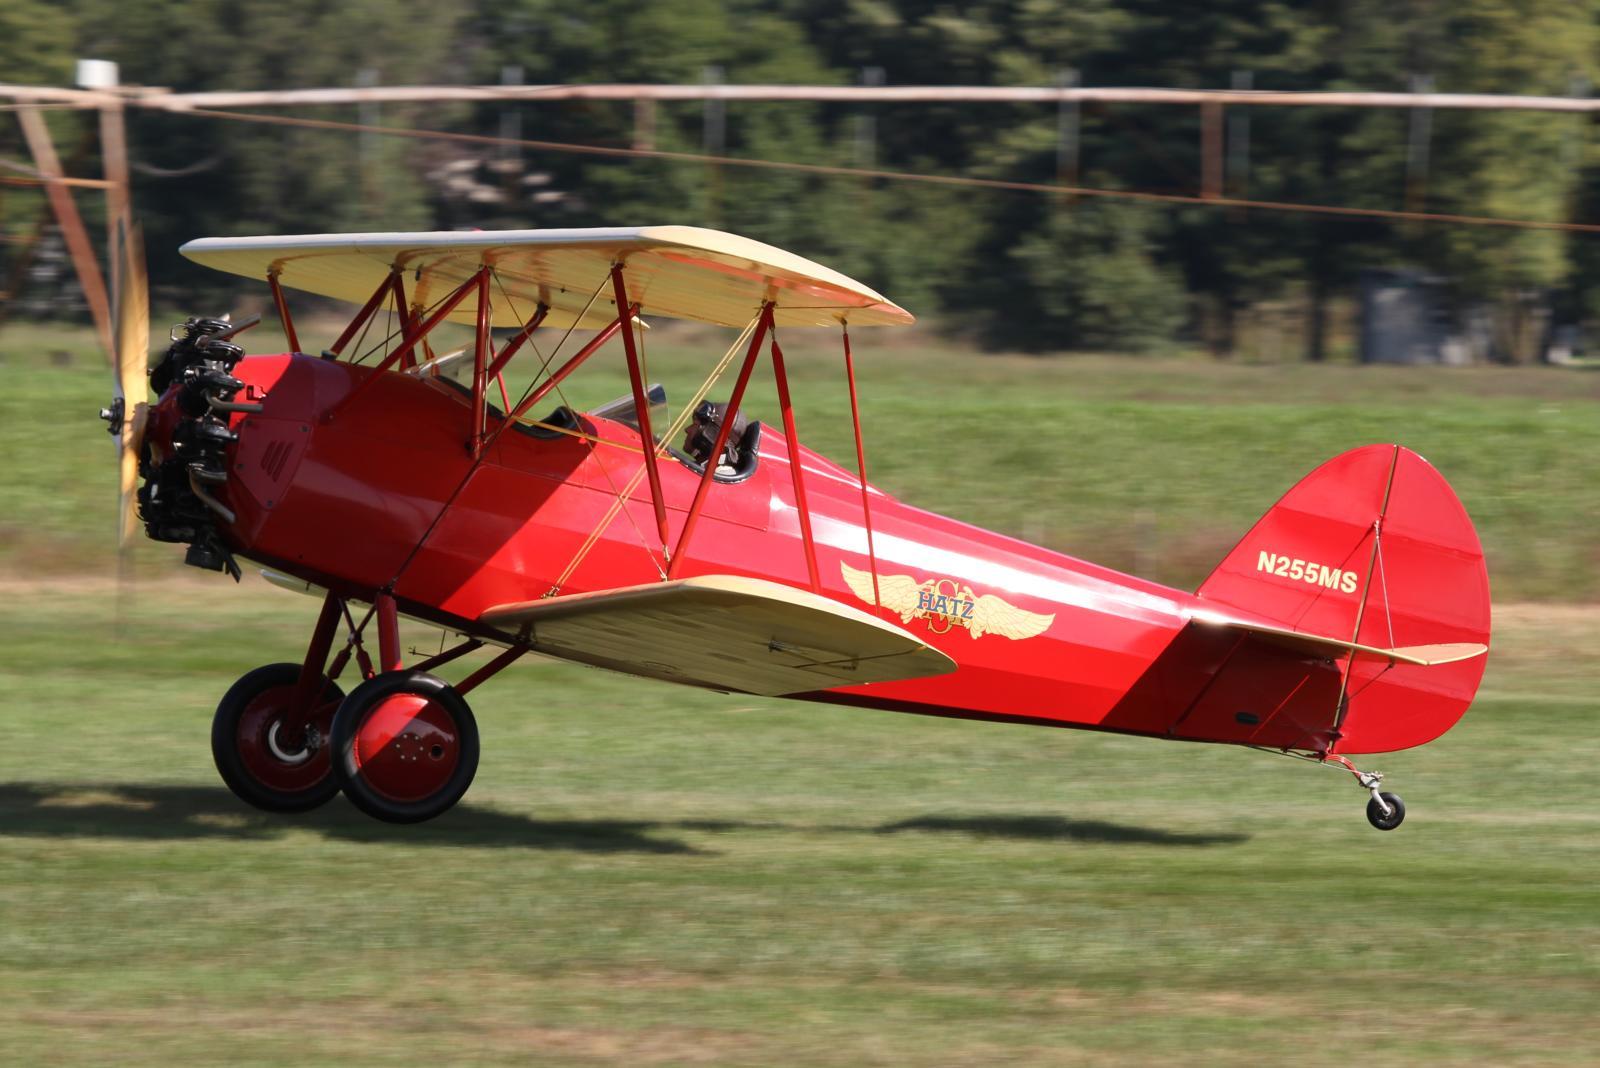 File Hatz Biplane N255ms Jpg Wikimedia Commons